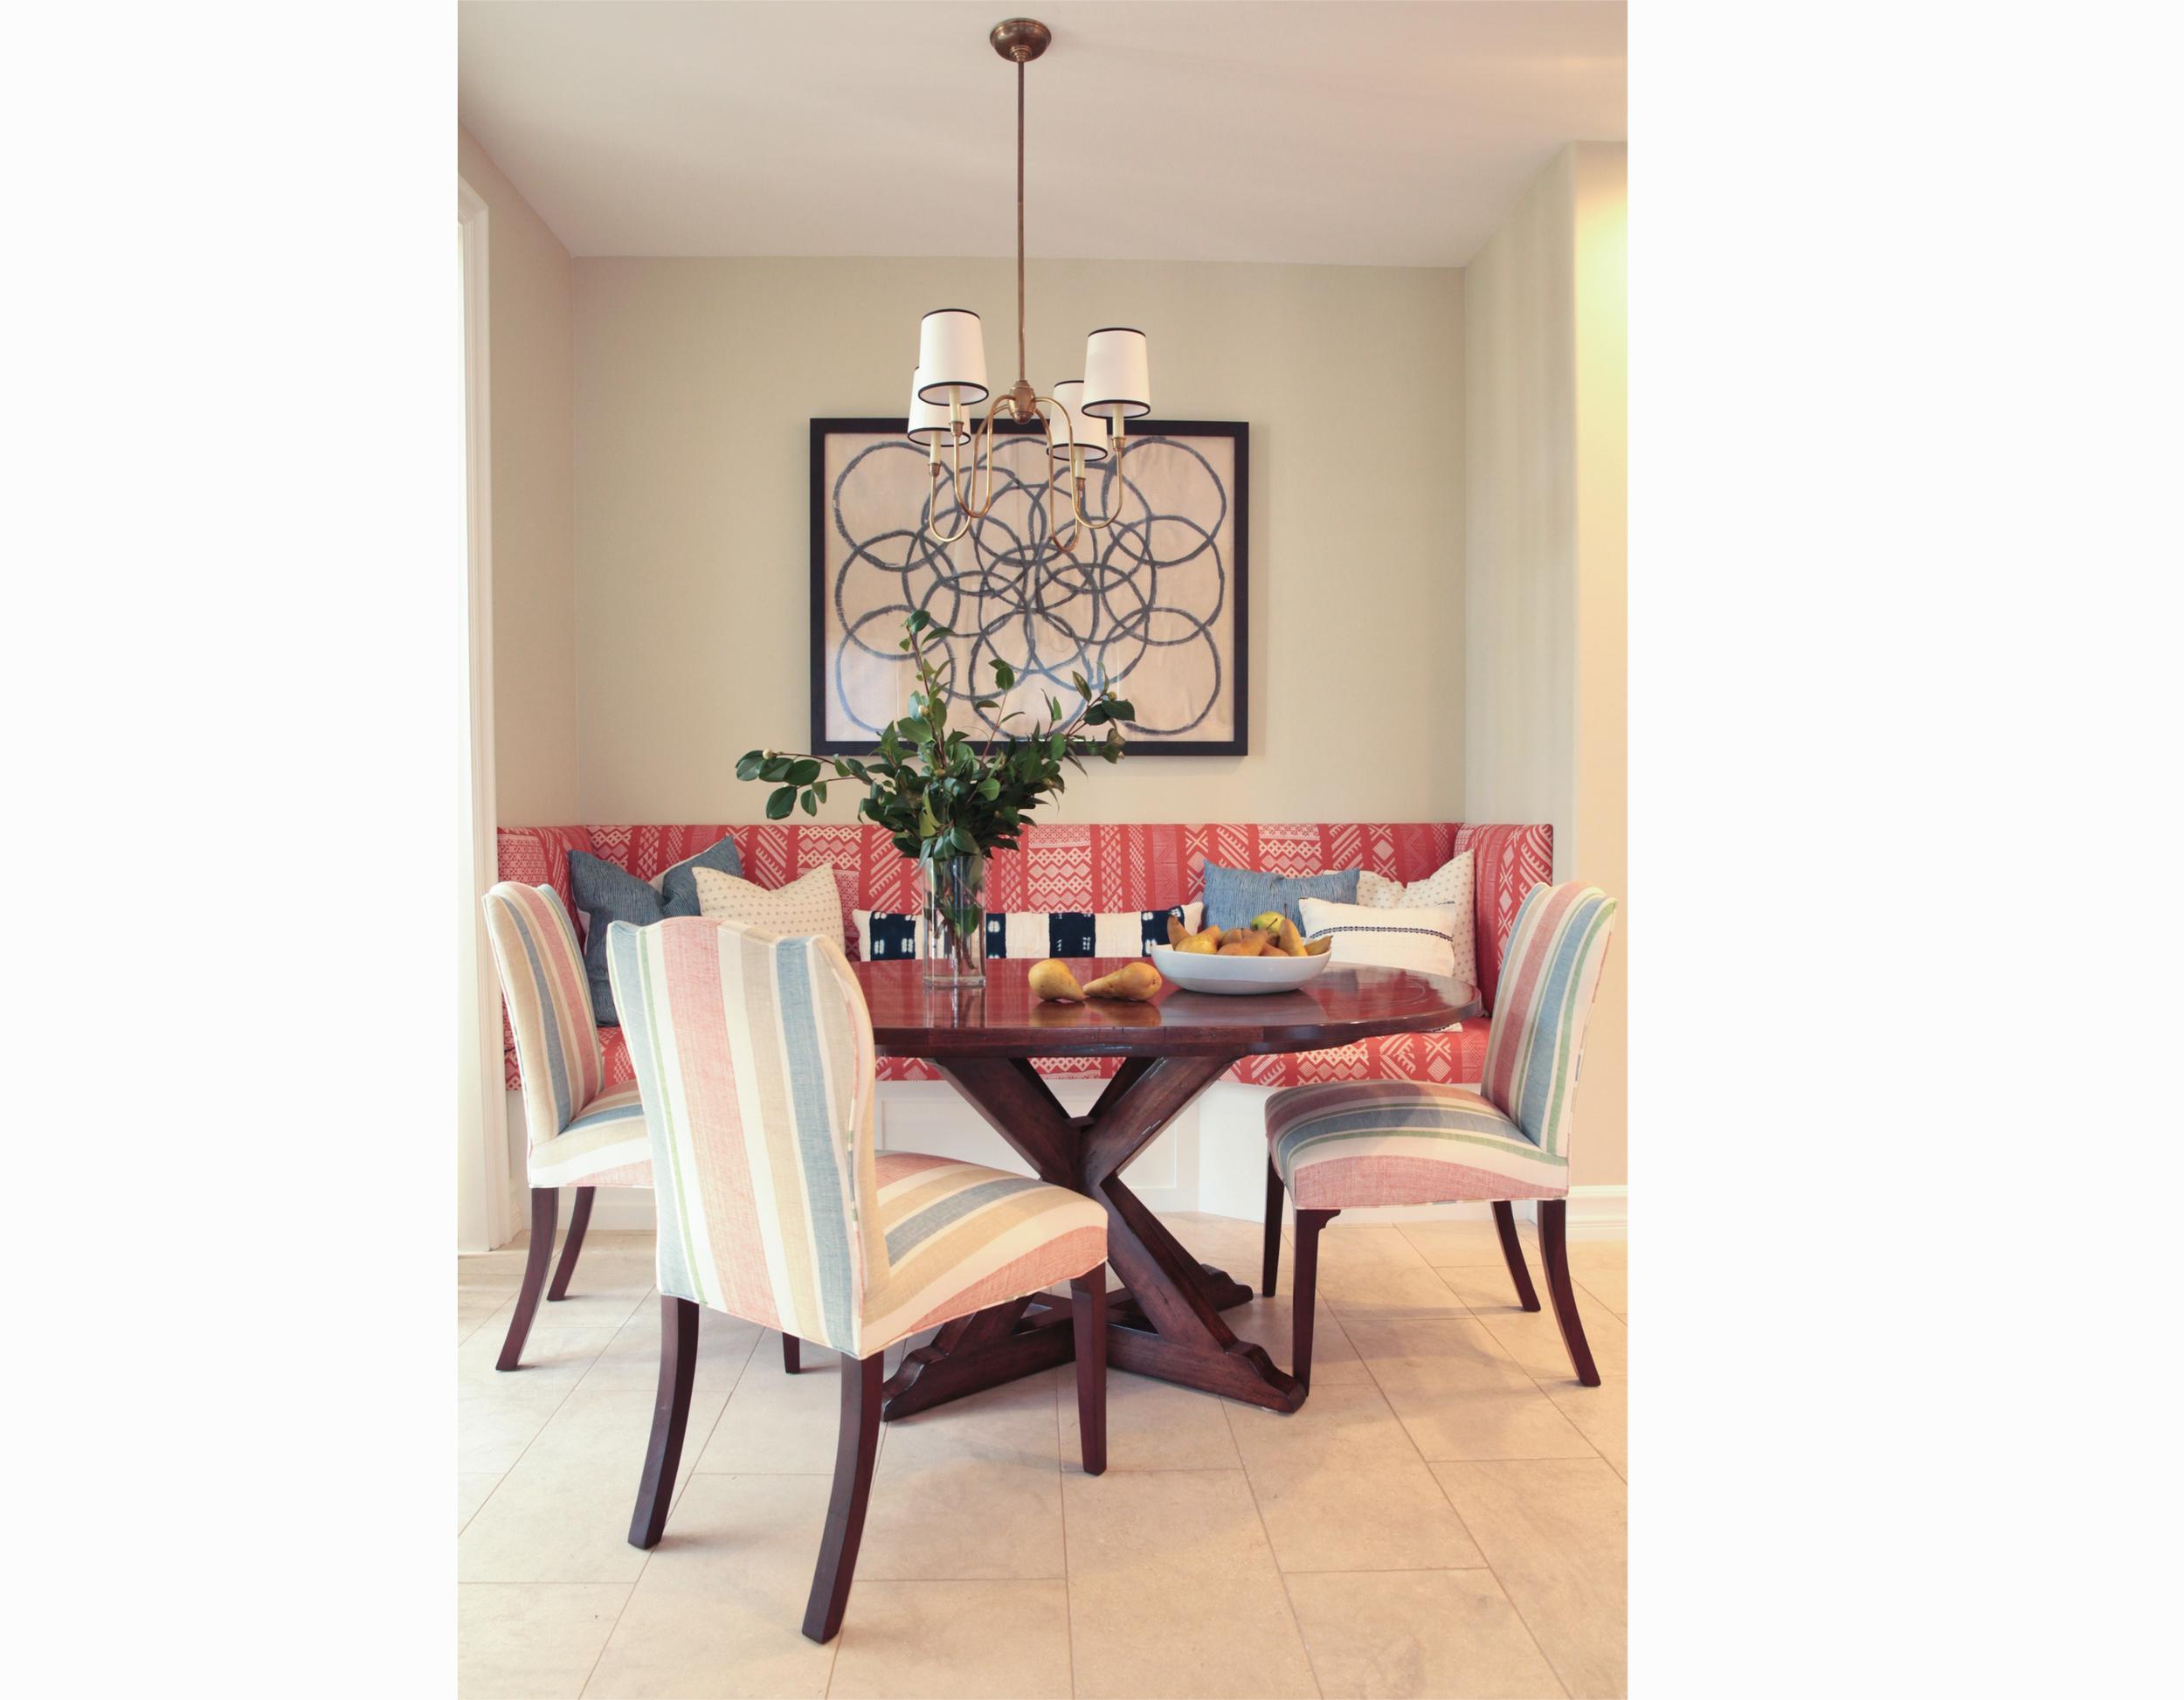 irvine interior designer brittany stiles orange county kitchen dining.jpg